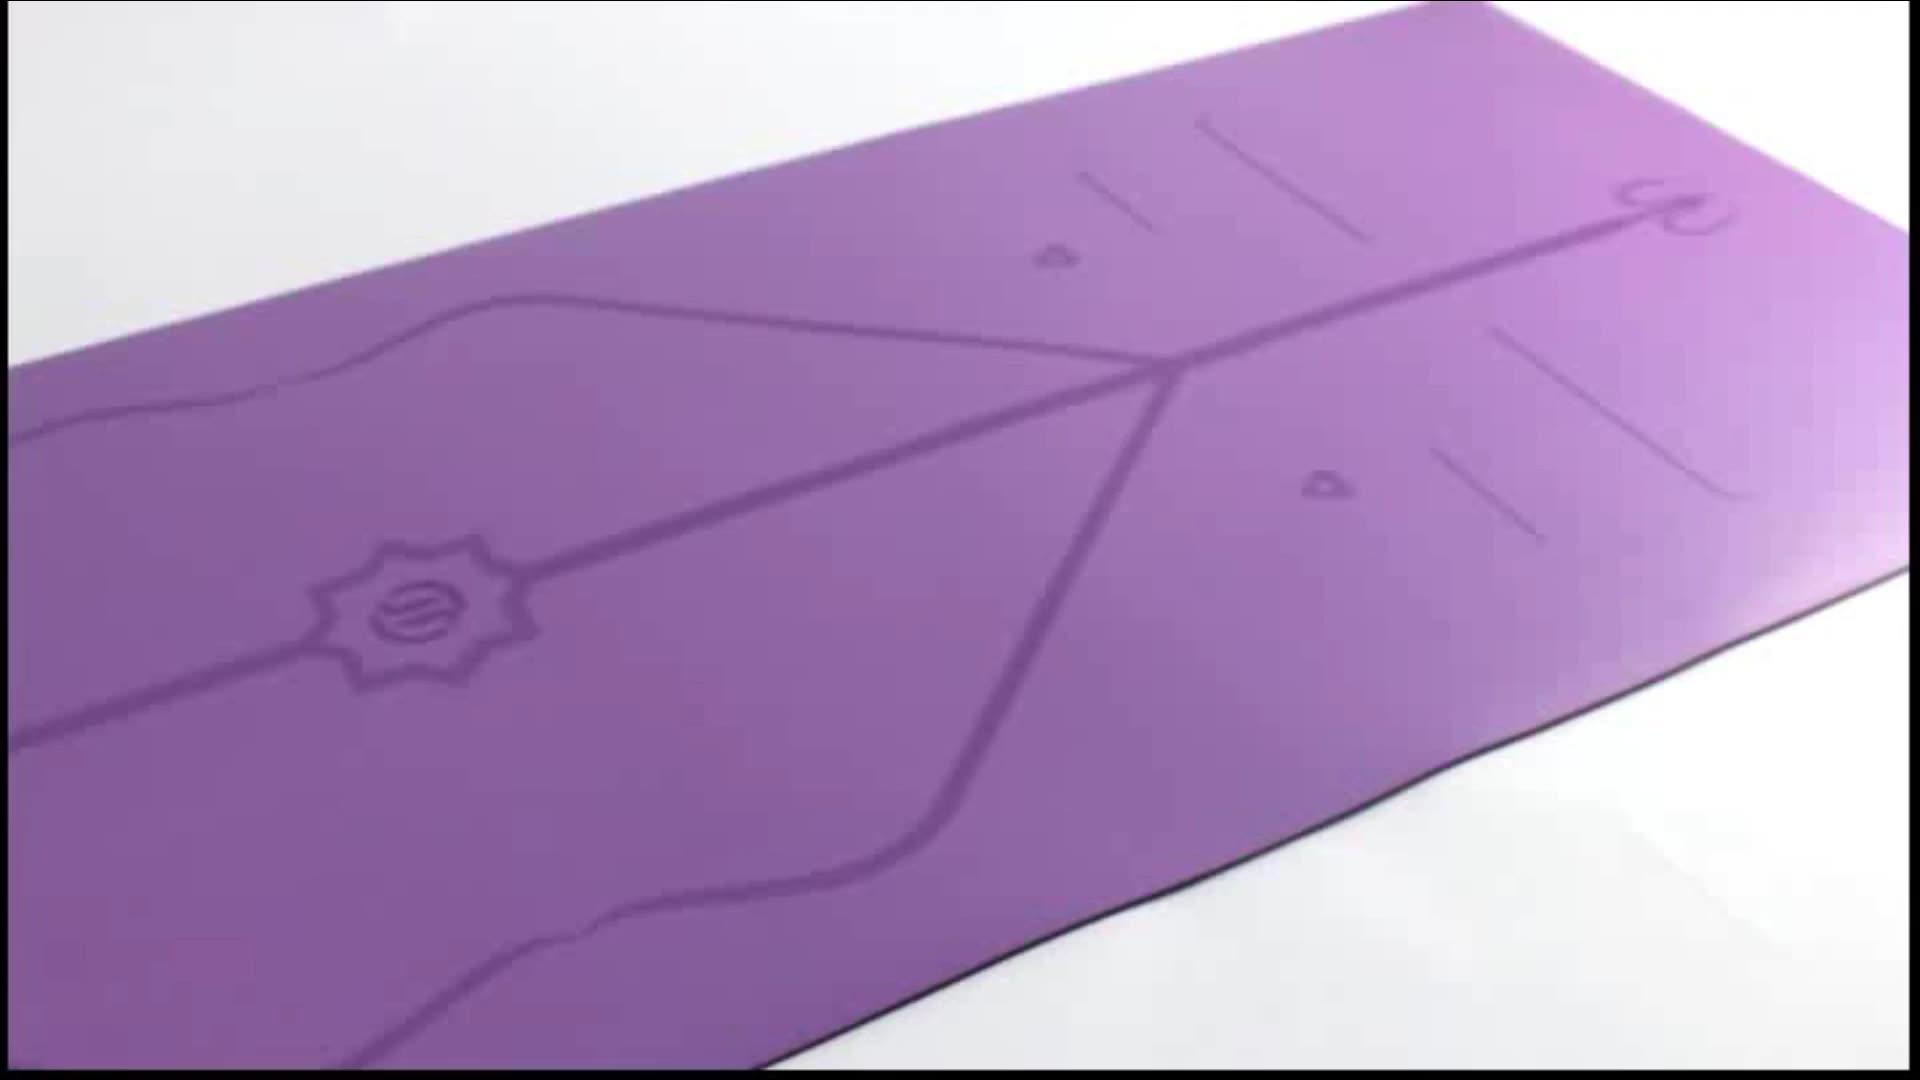 Противоскользящий, PU искусственная кожа, резиновая 5 мм коврик для йоги Эко-дружественных Пилатес коврик для занятия фитнесом профессиональный йога коврик для упражнений по индивидуальному заказу оптом